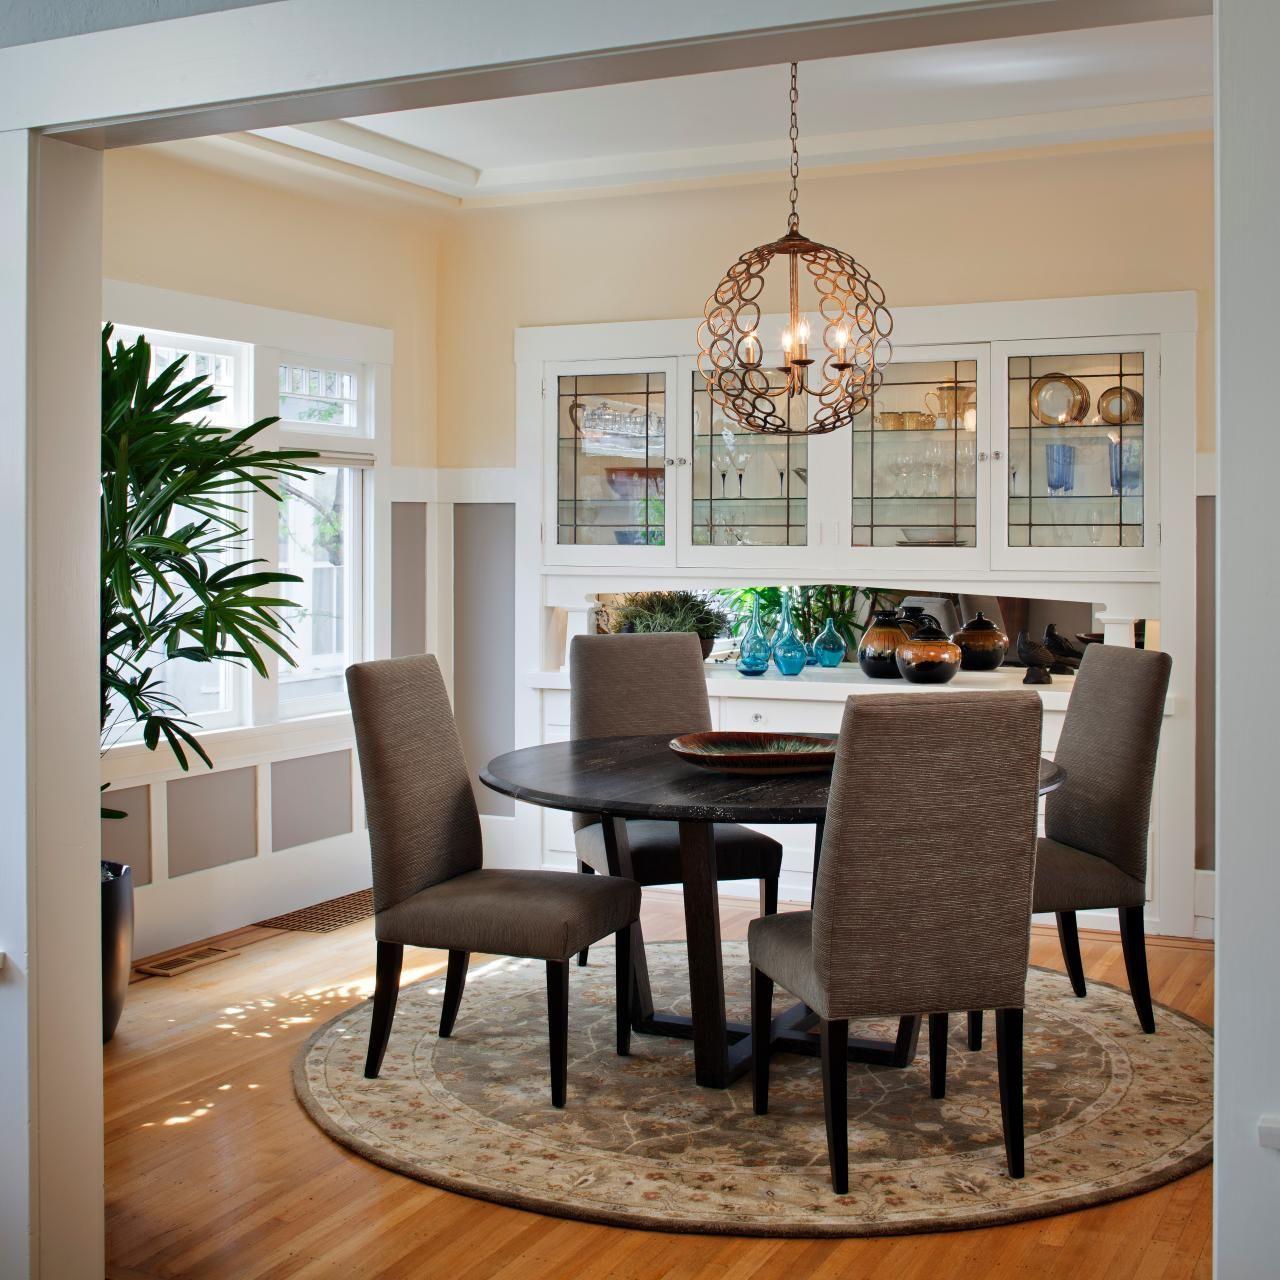 craftsman living room furniture. Craftsman Dining Room With Round Table Living Furniture O